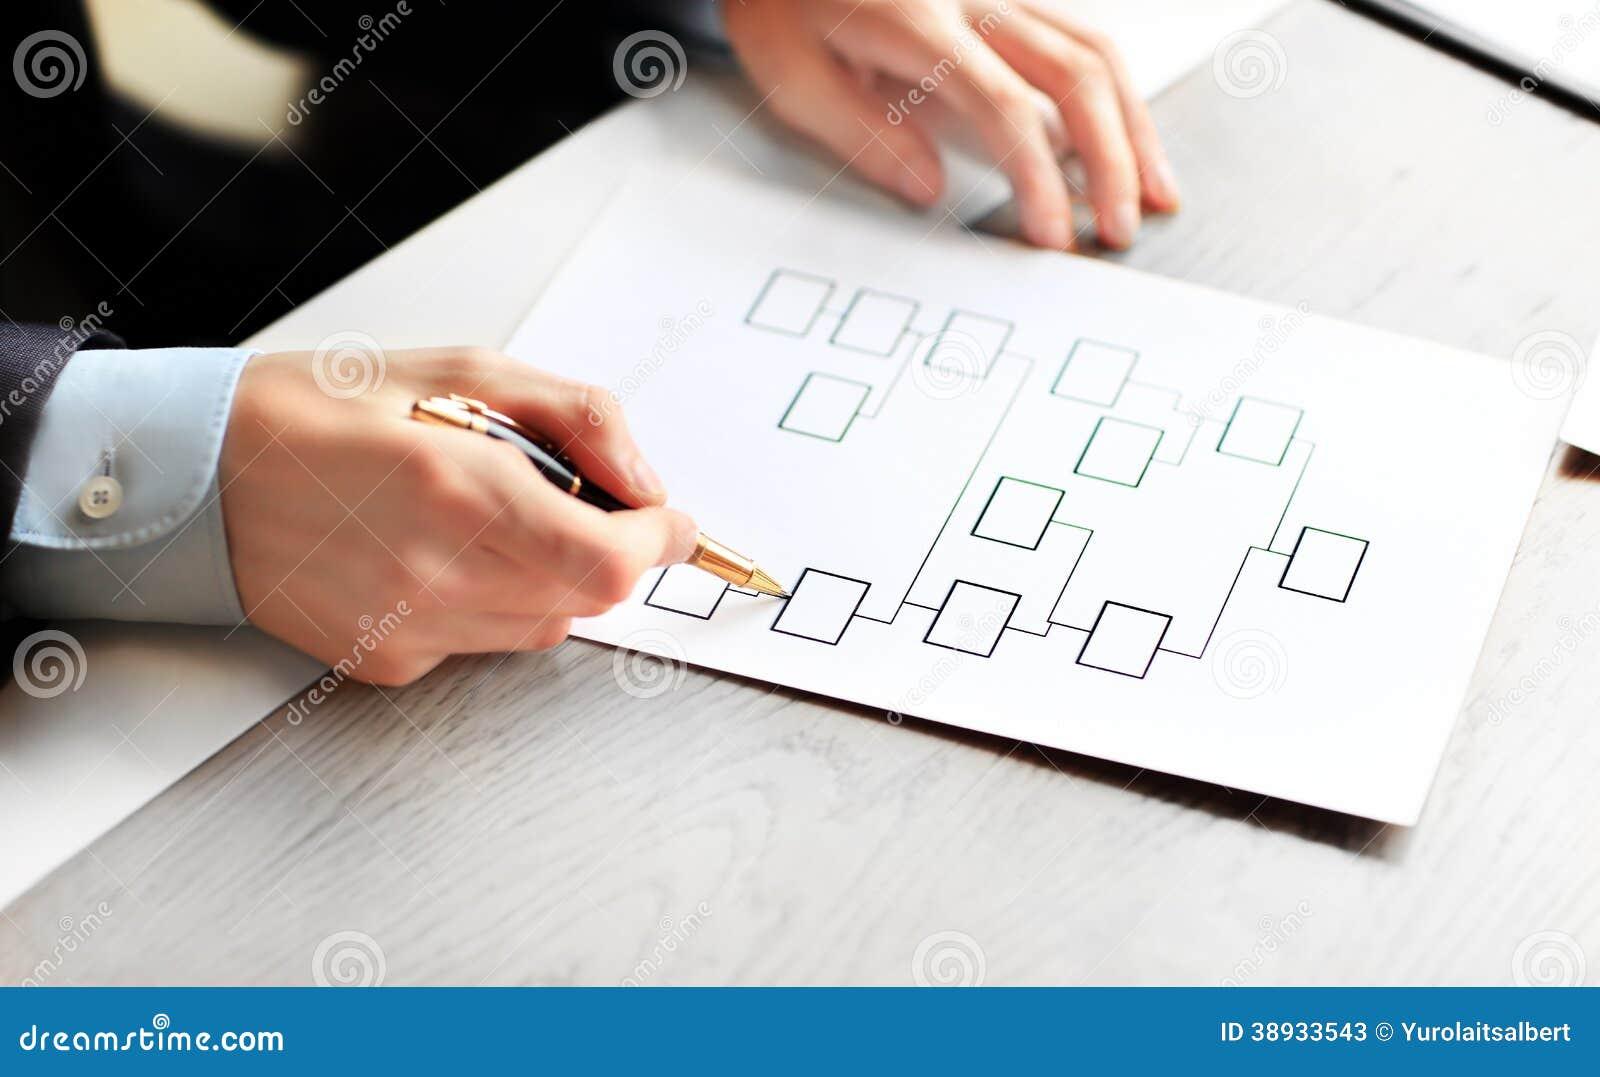 Схема технологического процесса с пустыми коробками